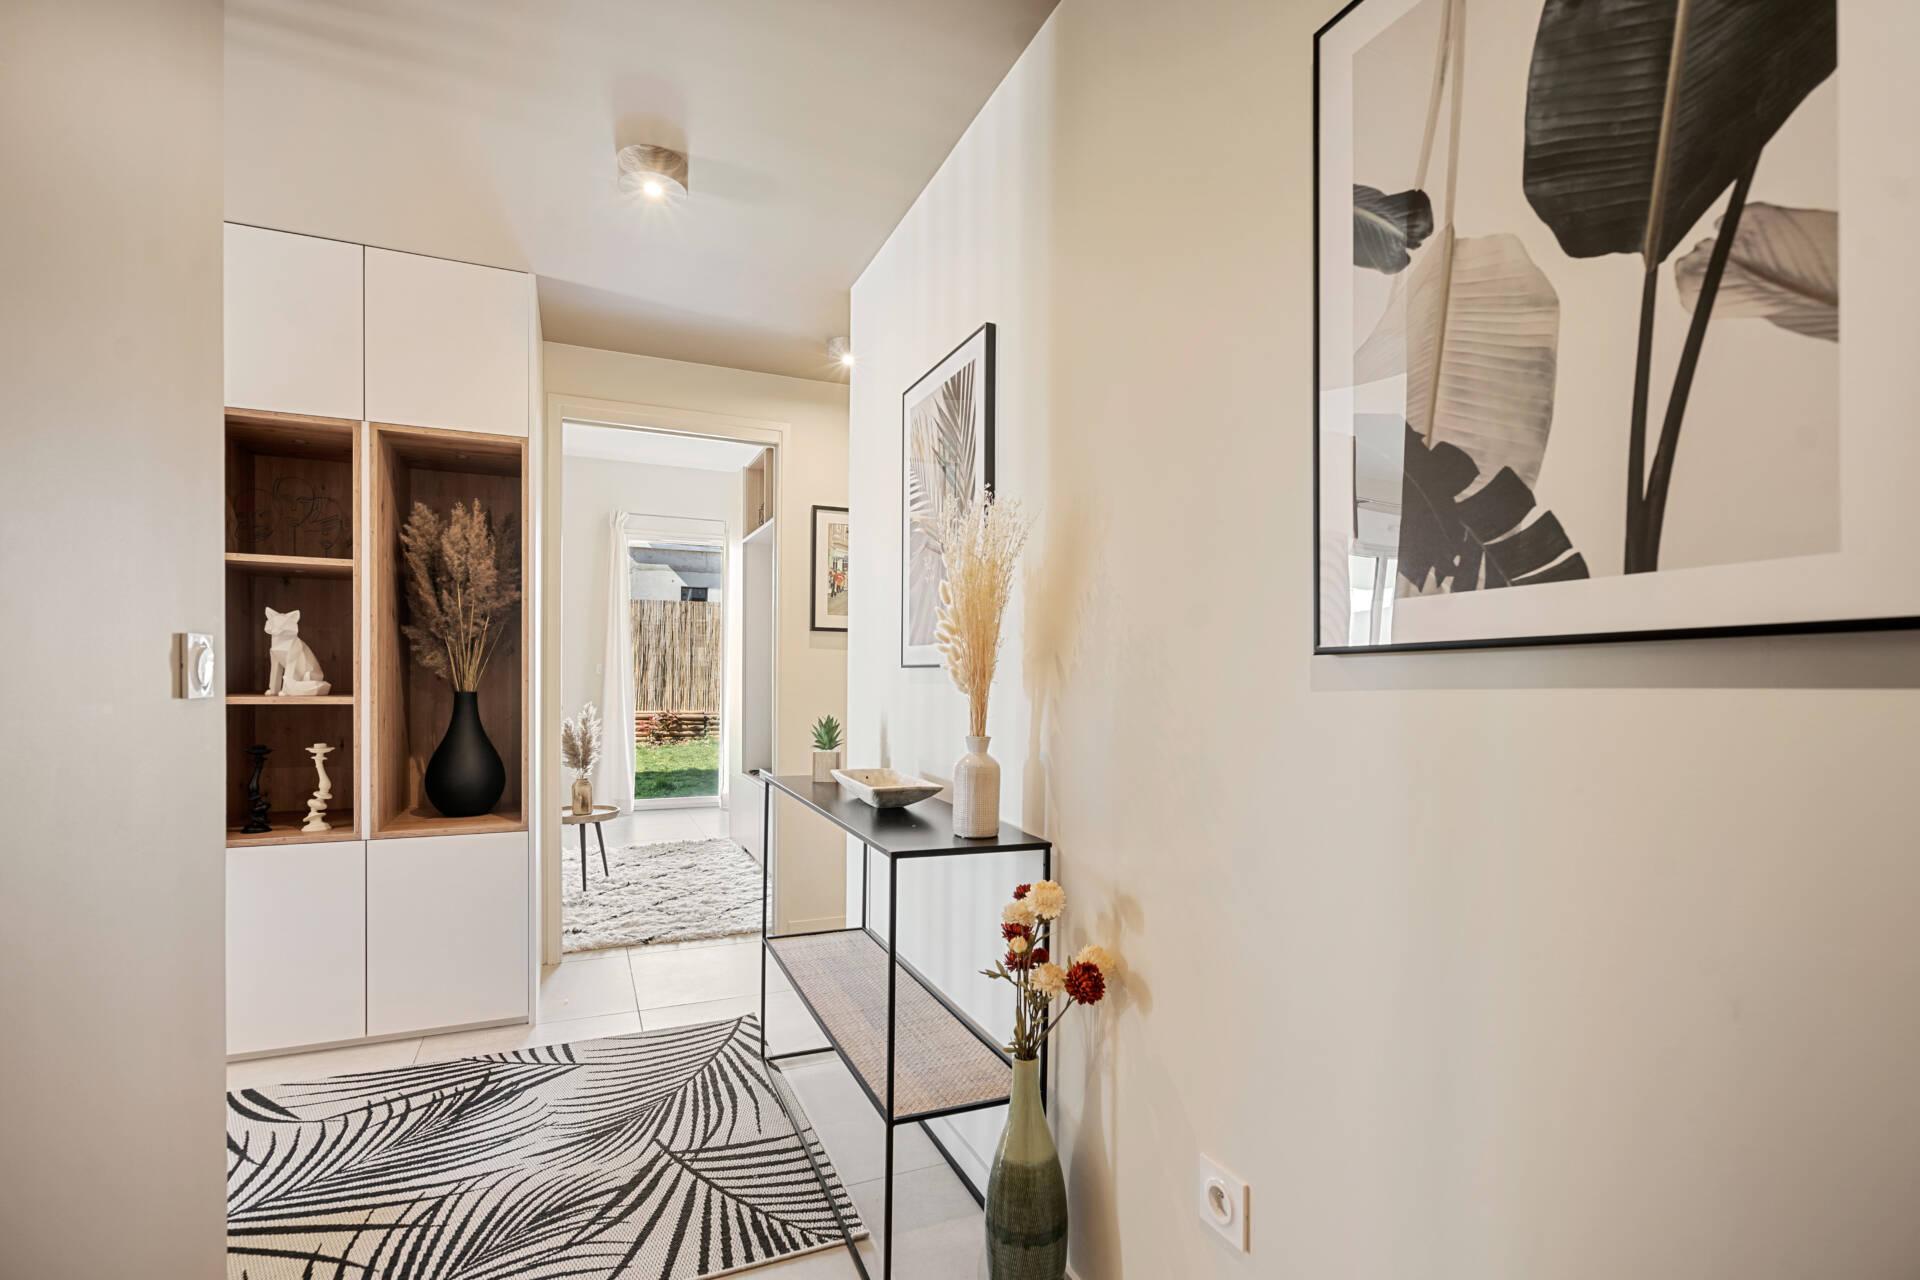 Décoration et agencement Appartement neuf Aix en Provence - Entrée, par Myll décors , Agence de décoration à Aix en Provence et dans le Var